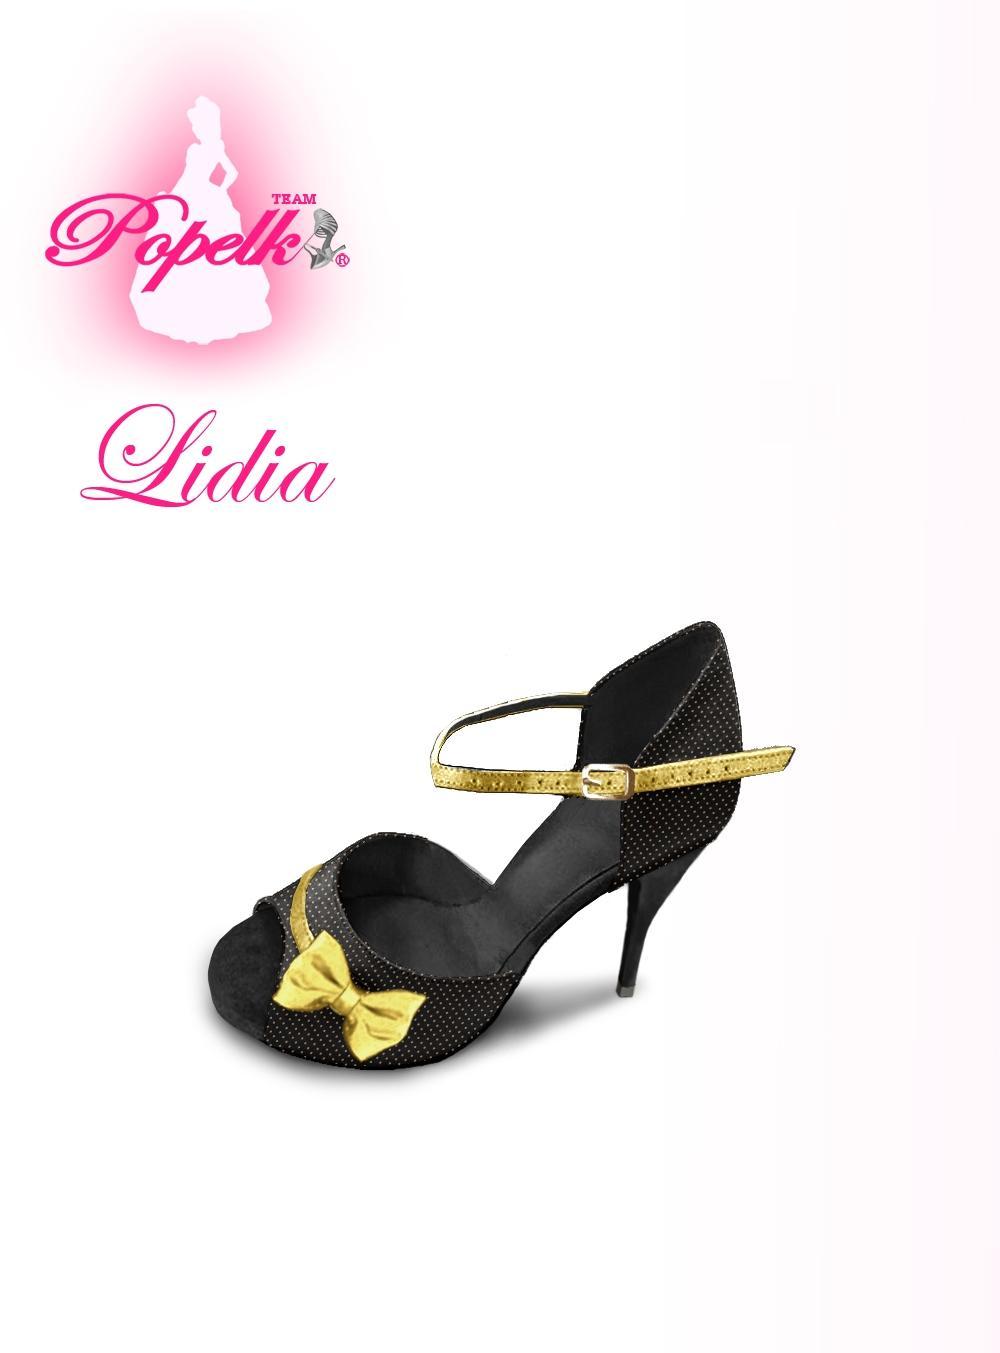 Svadobné topánky navrhni a uprav si ich podľa seba - inšpirácie zlatá - Obrázok č. 49